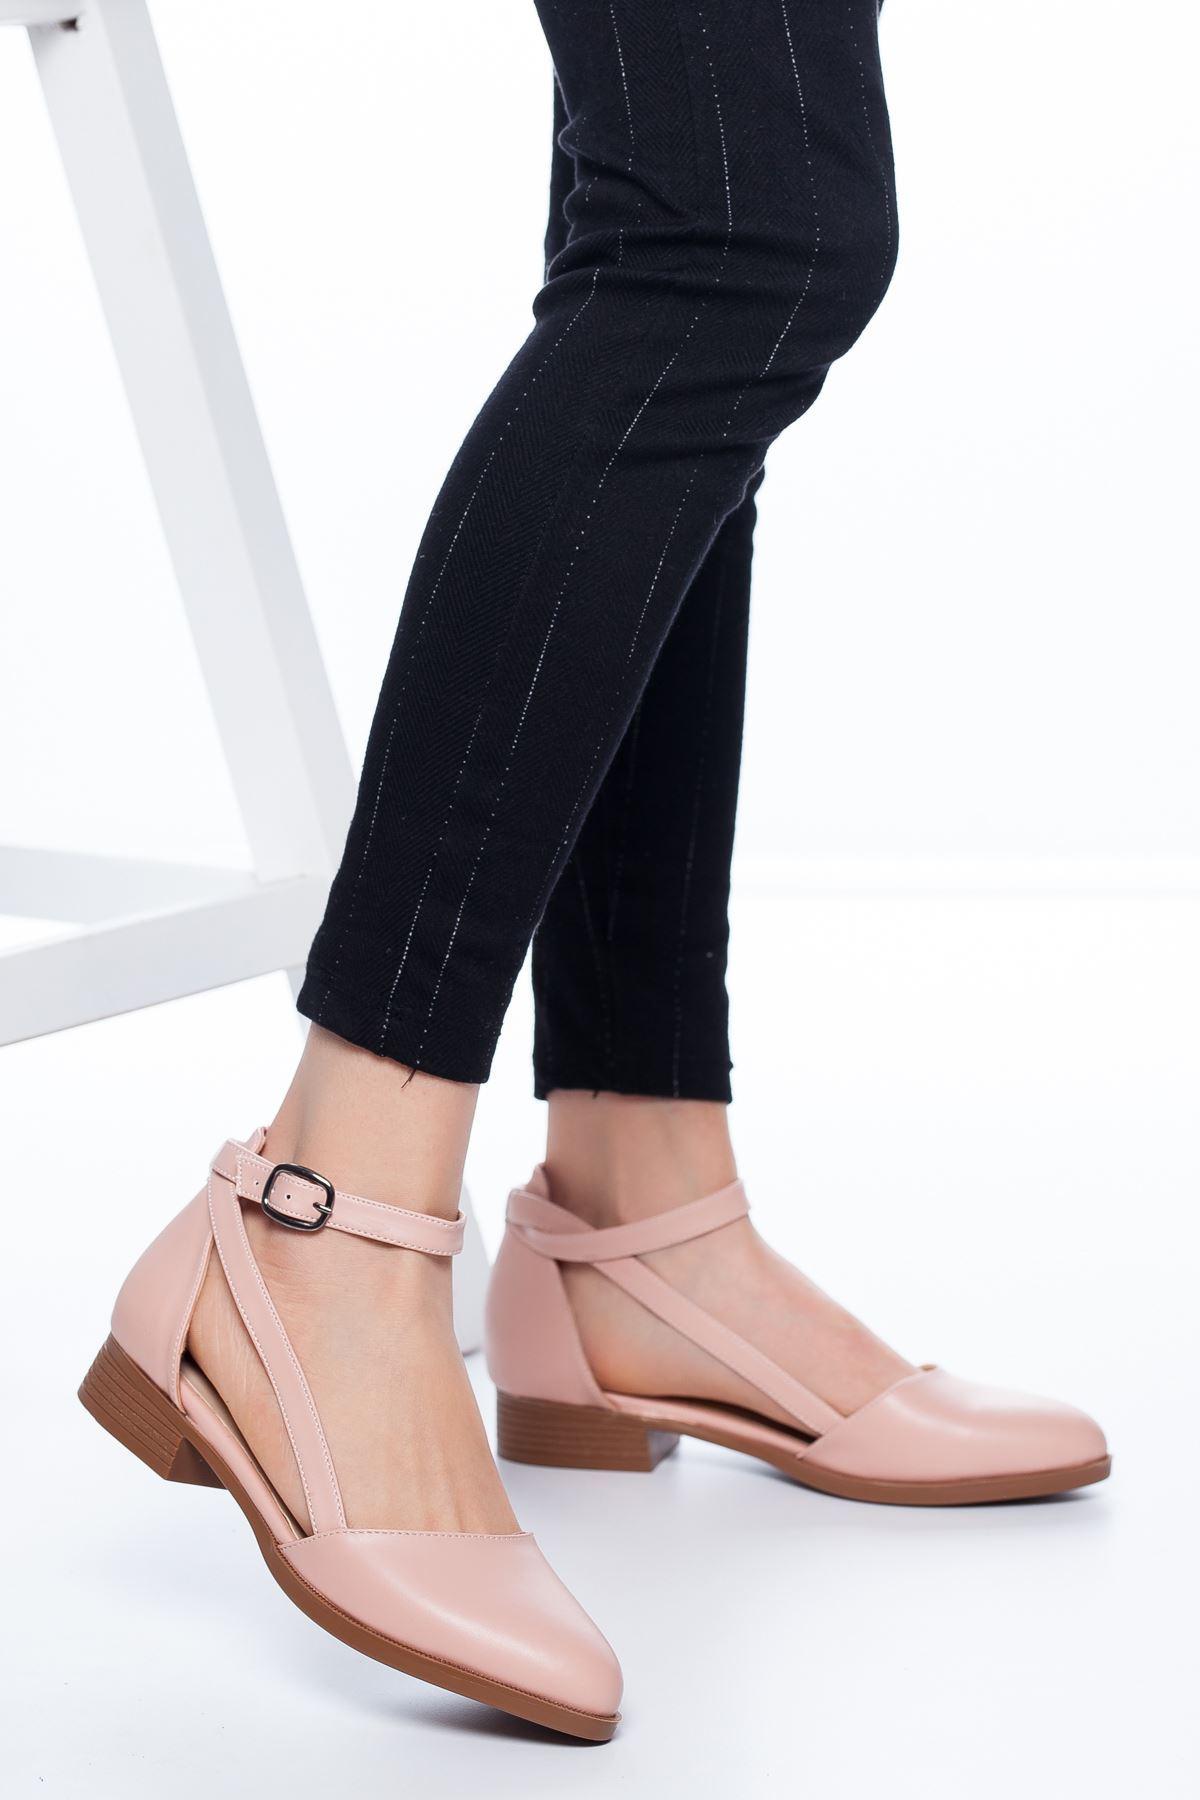 Tamara Kısa Topuklu Ayakkabı Pudra